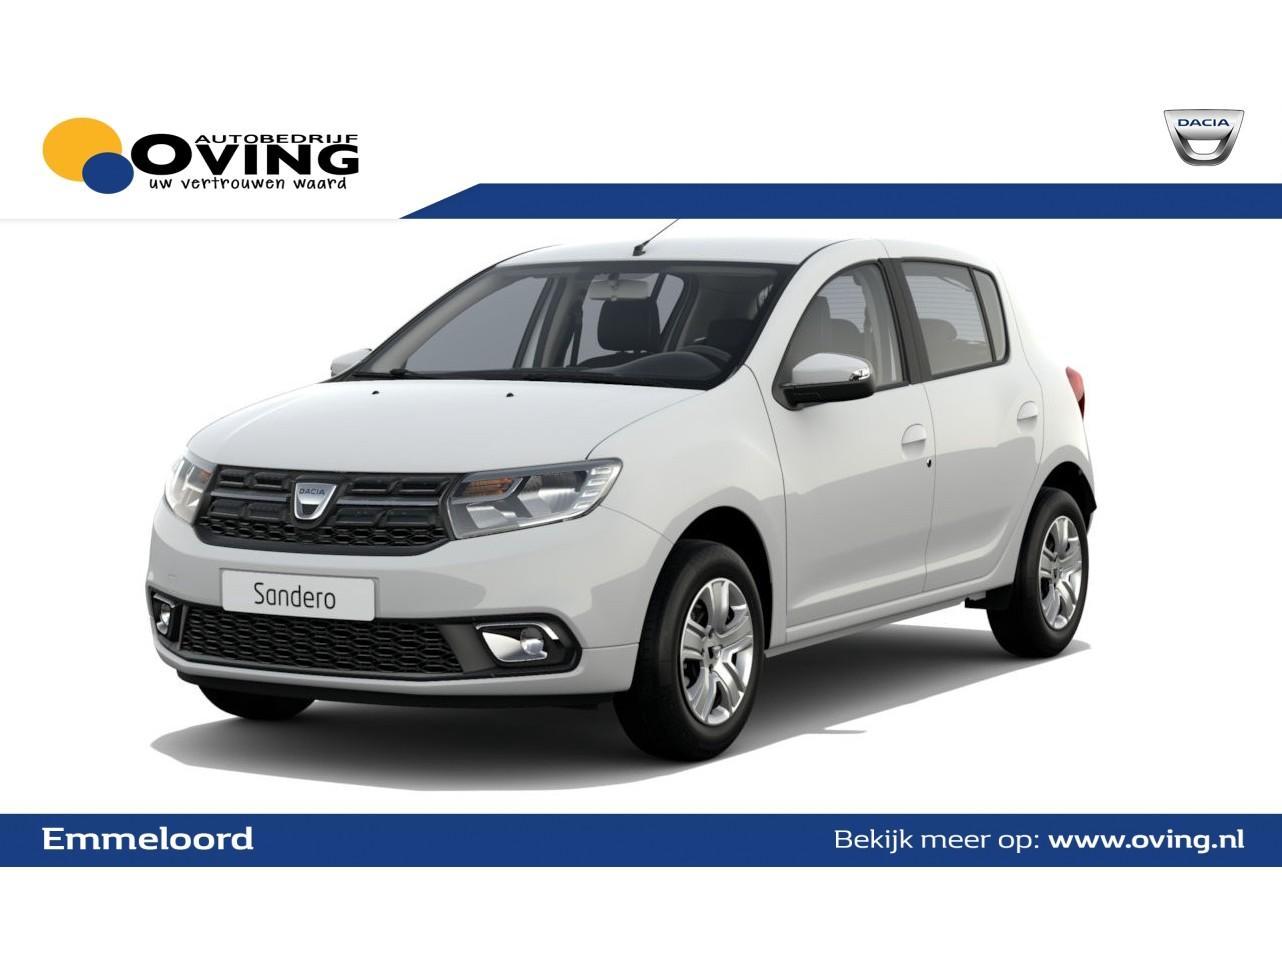 Dacia Sandero 100 tce bi-fuel comfort ** uit voorraad** fin va. 2,9%